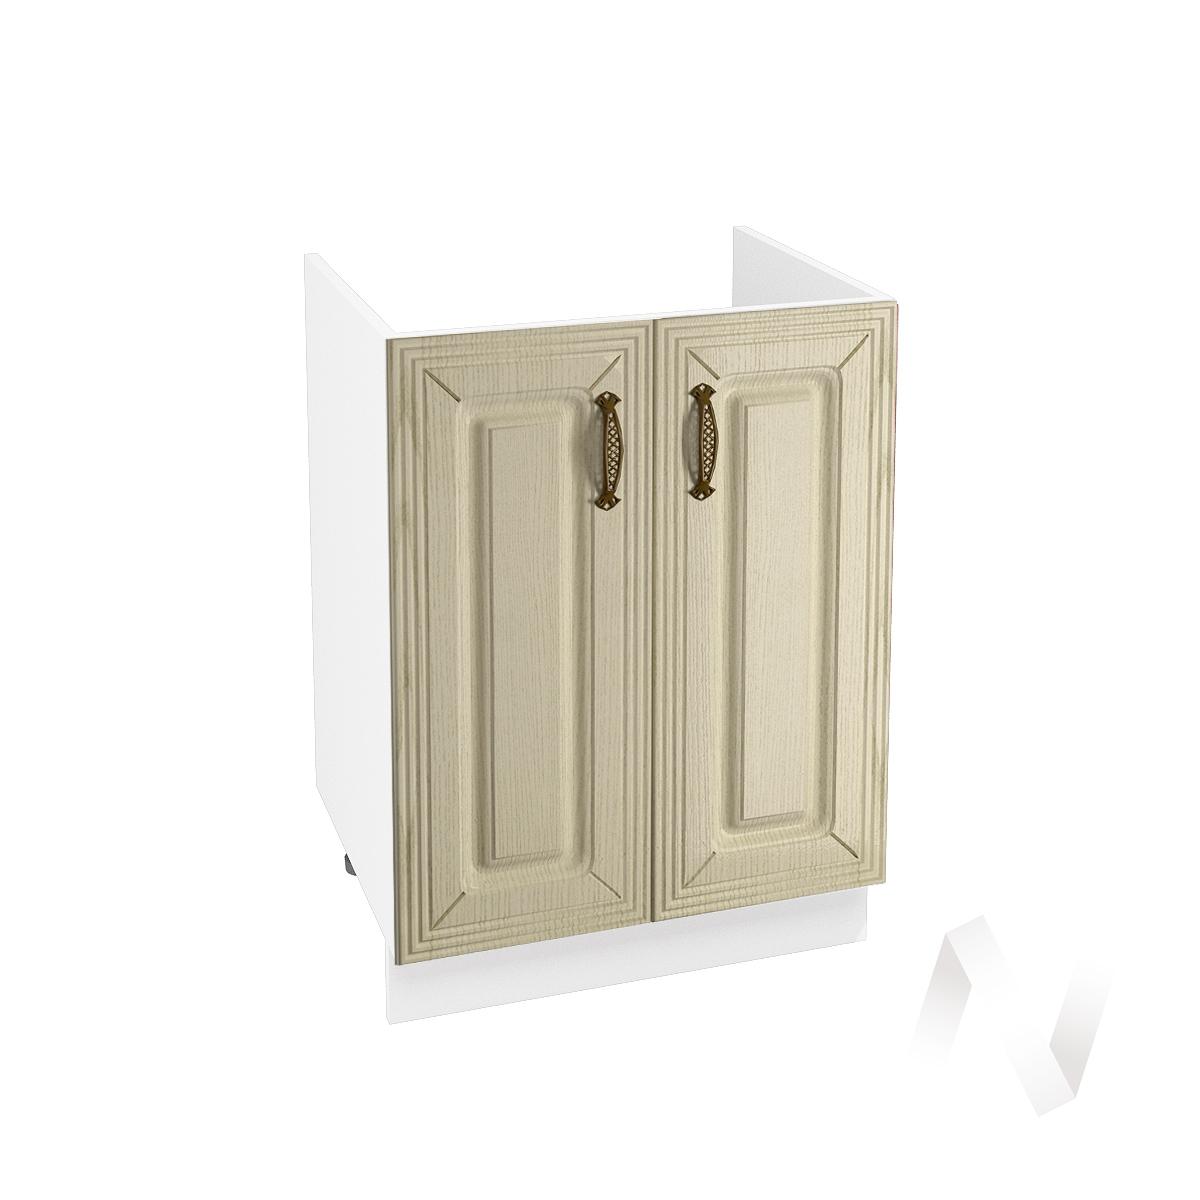 """Кухня """"Изабель"""": Шкаф нижний под мойку 600, ШНМ 600 (корпус белый)"""